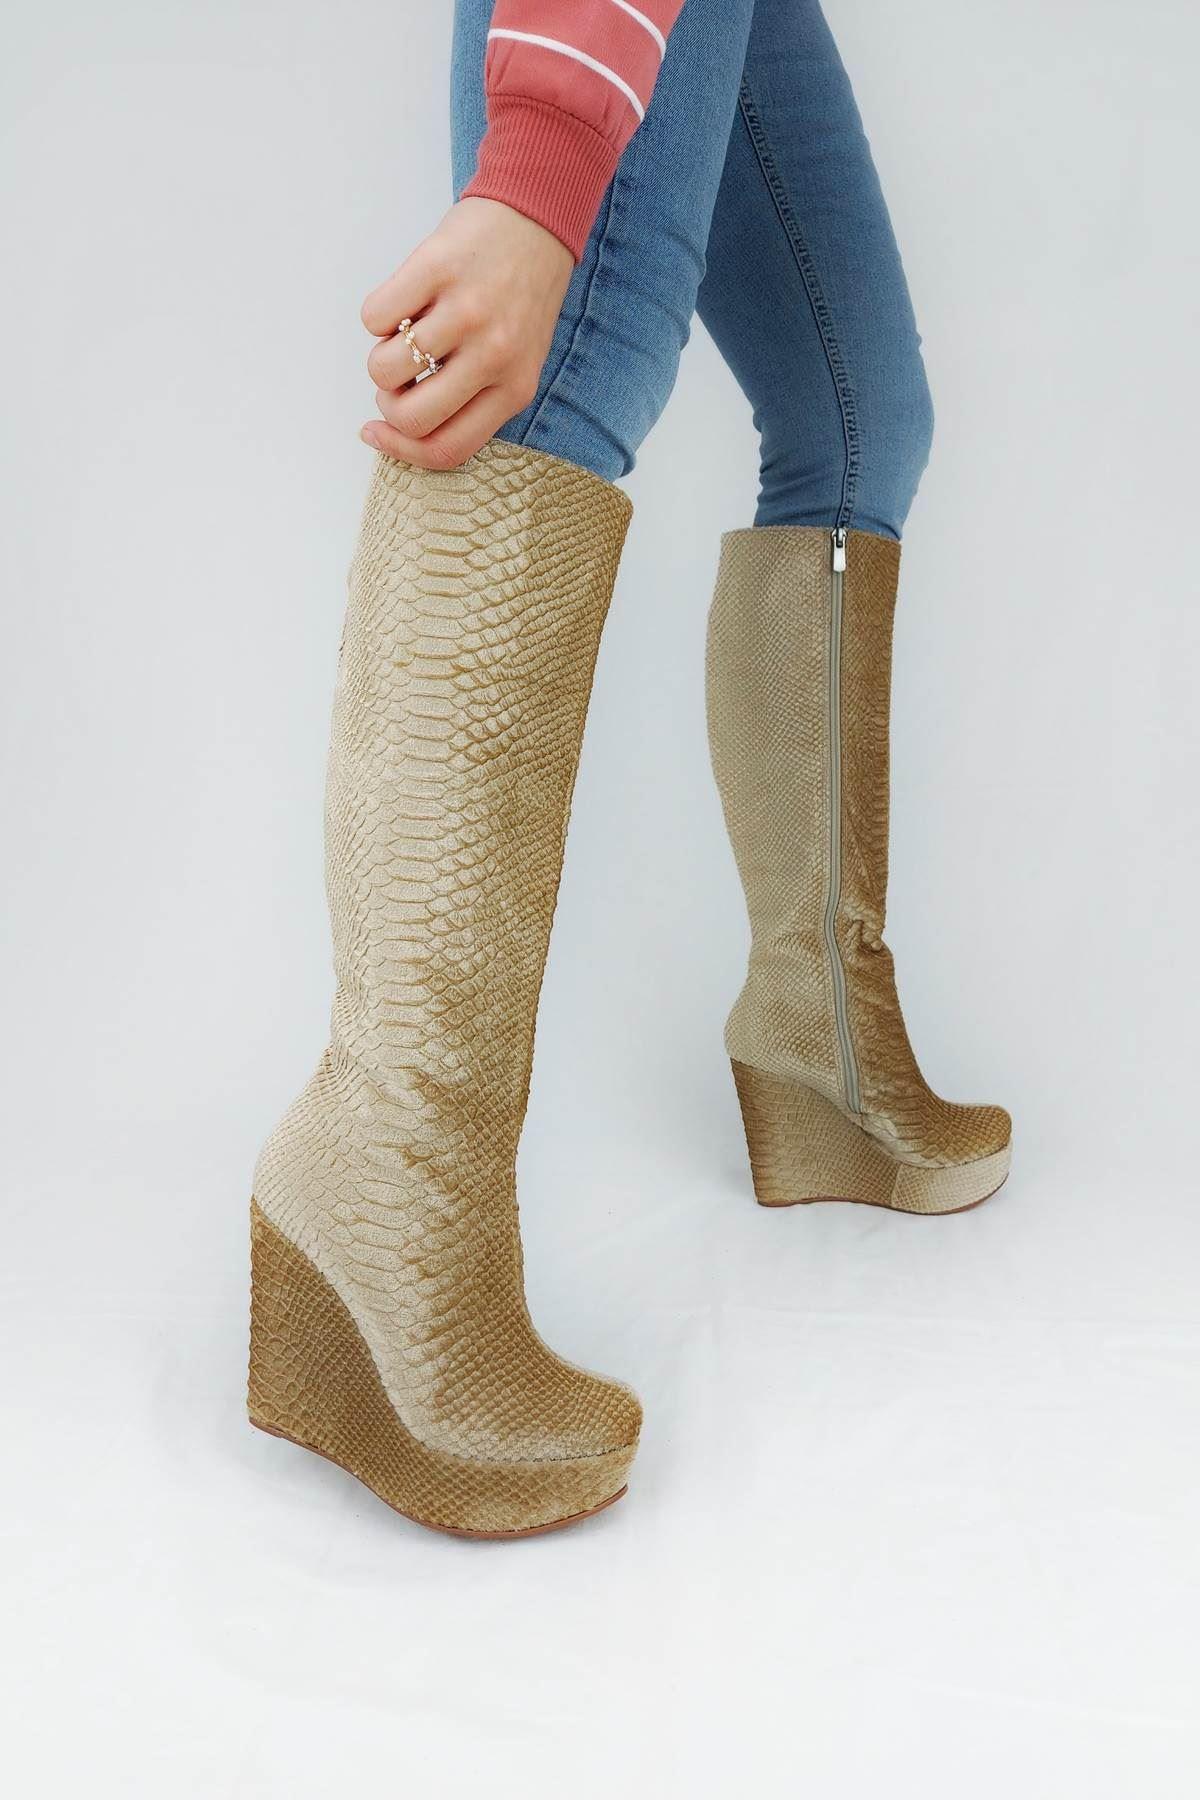 Kelly Ten Kadife Dolgu Topuklu Çizme